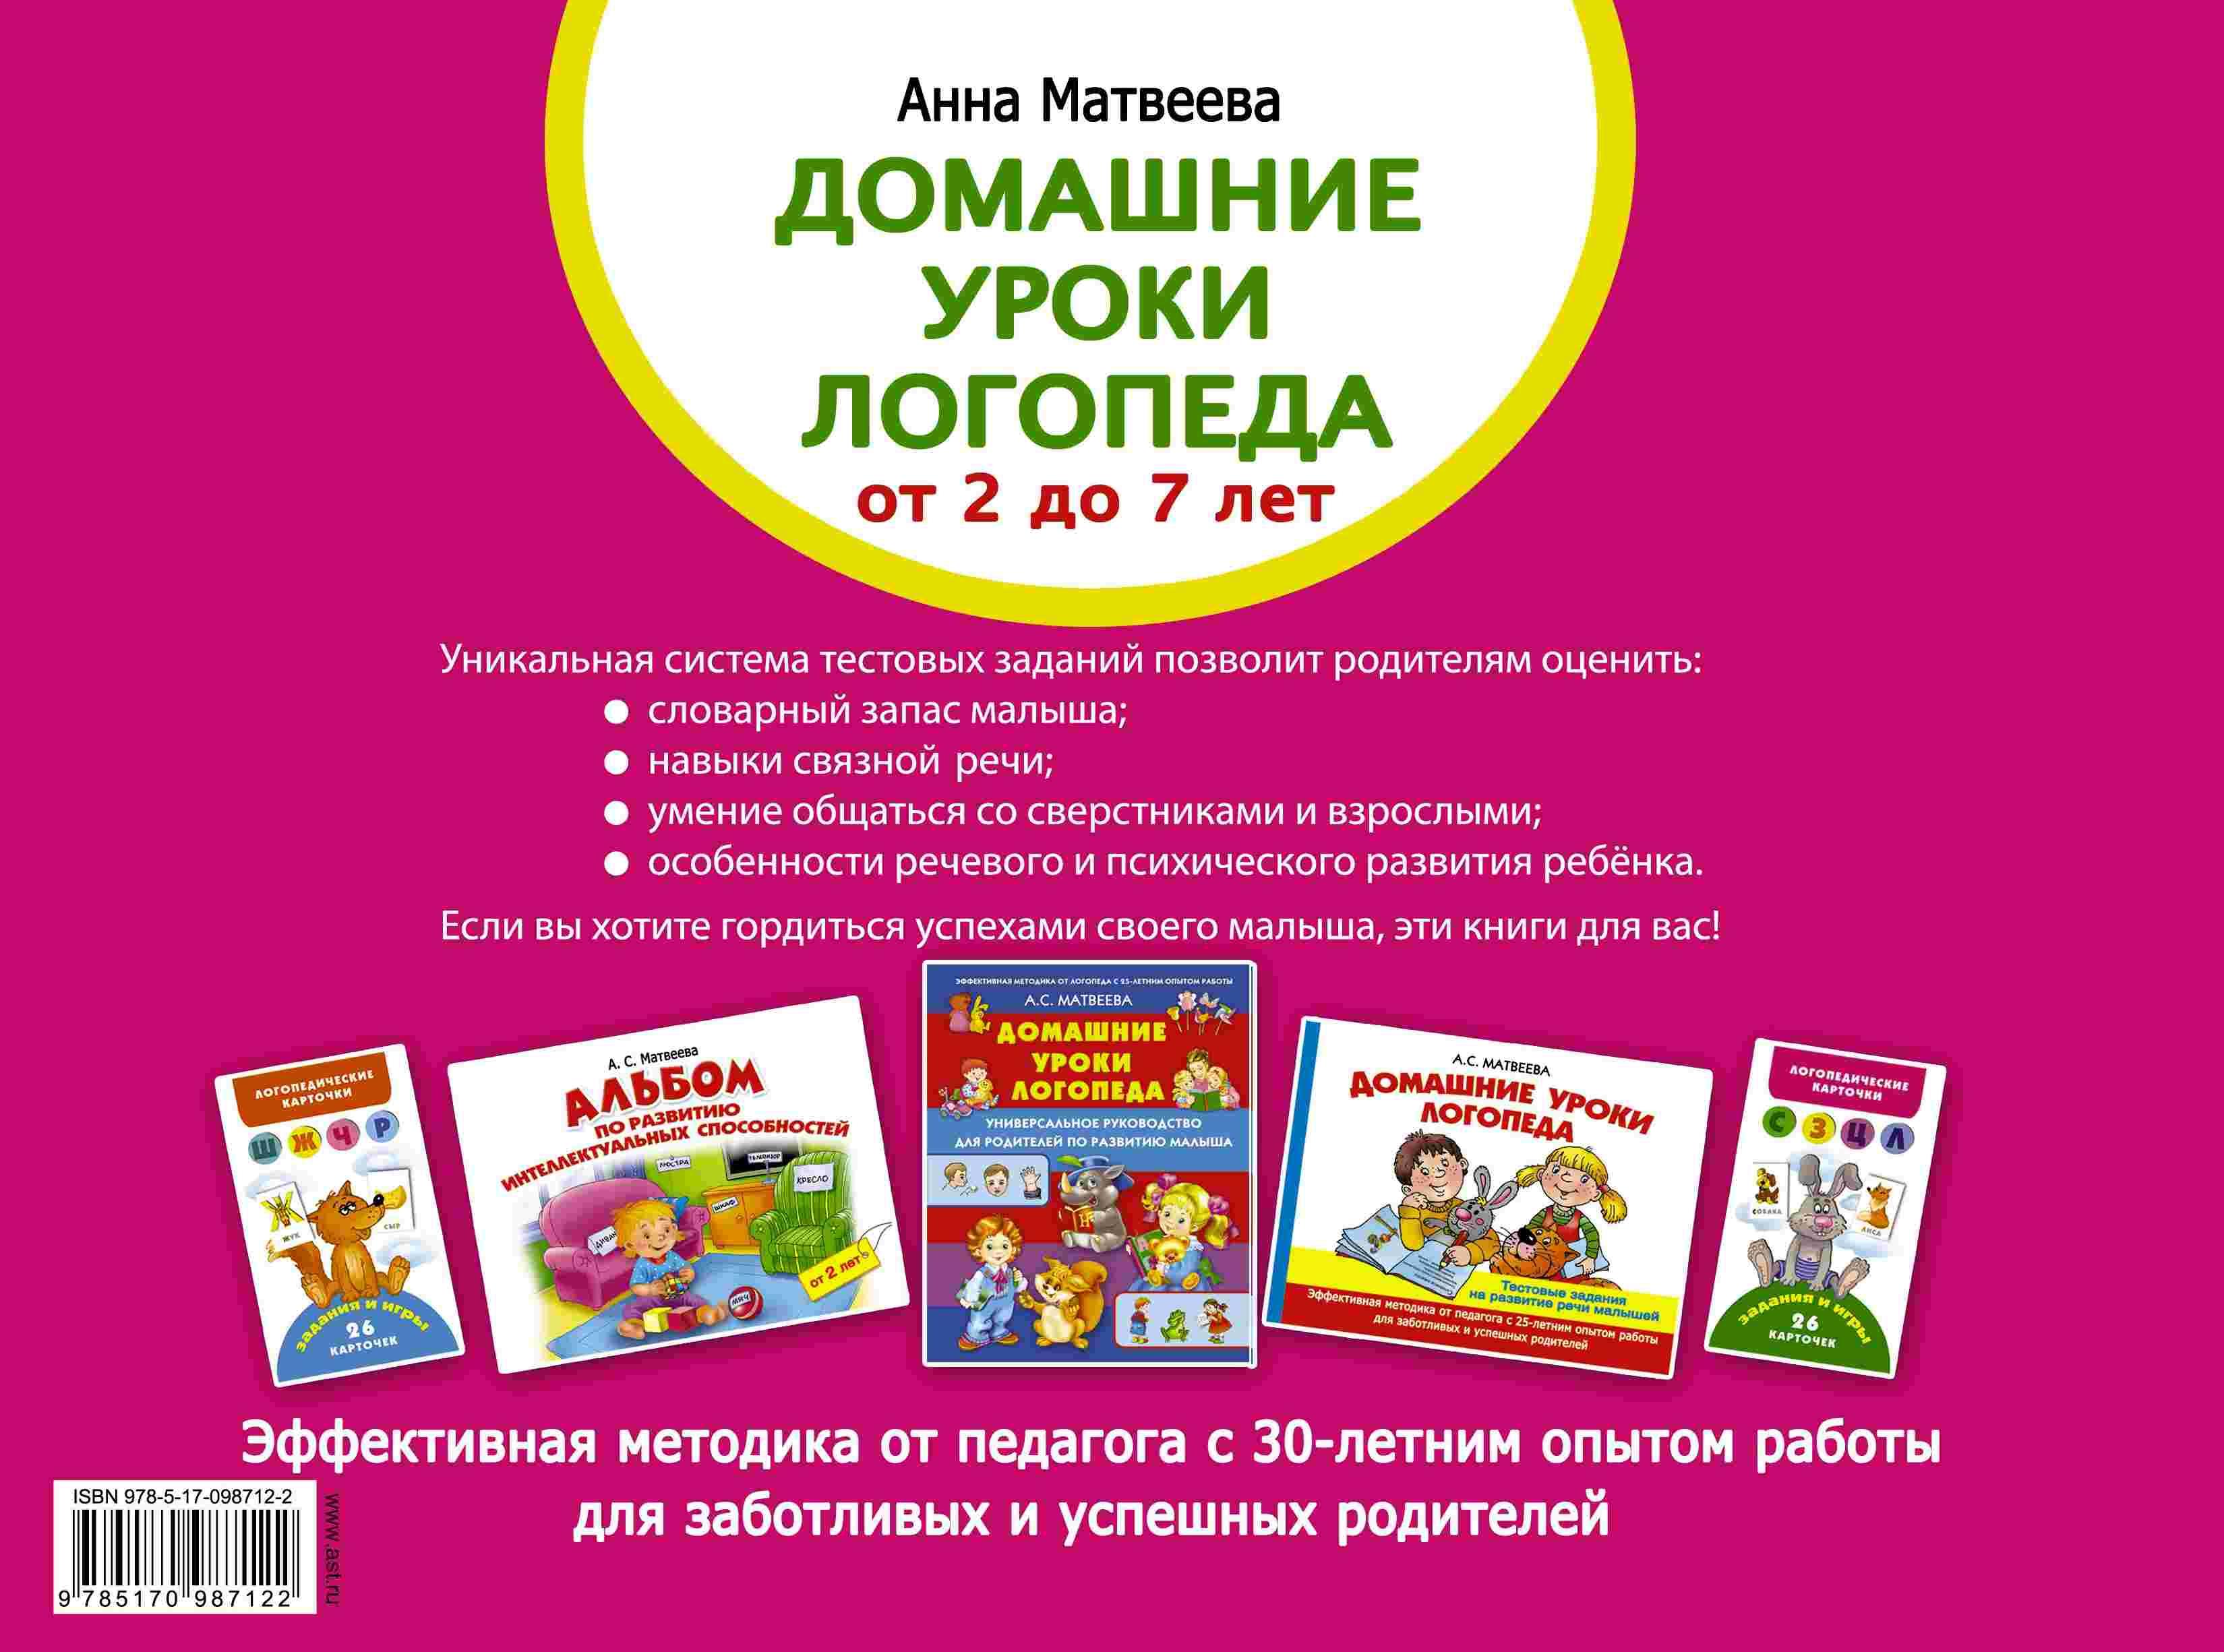 Речевое развитие в 3-4 года: логопедические упражнения, игровые занятия и способы научить ребенка разговаривать